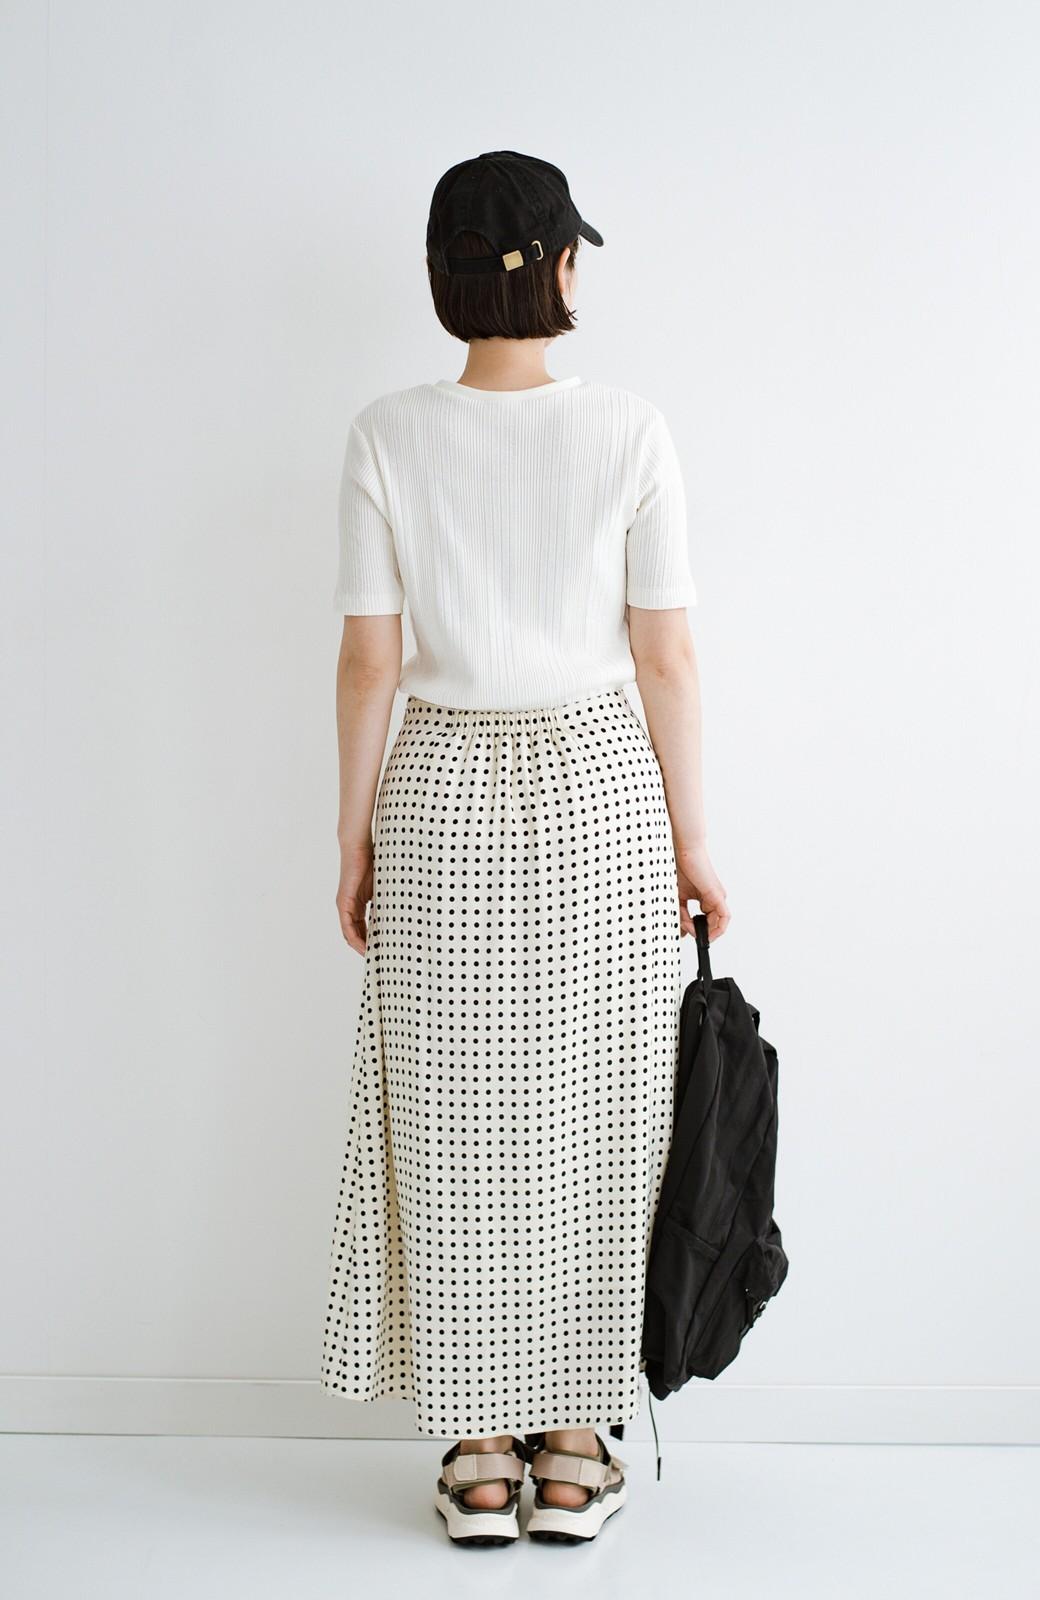 haco! 定番Tシャツを合わせるだけで女っぽい新鮮コーデが完成する ツヤやかサテンが上品なドット柄スカートby who made me <ホワイト×ブラック>の商品写真22